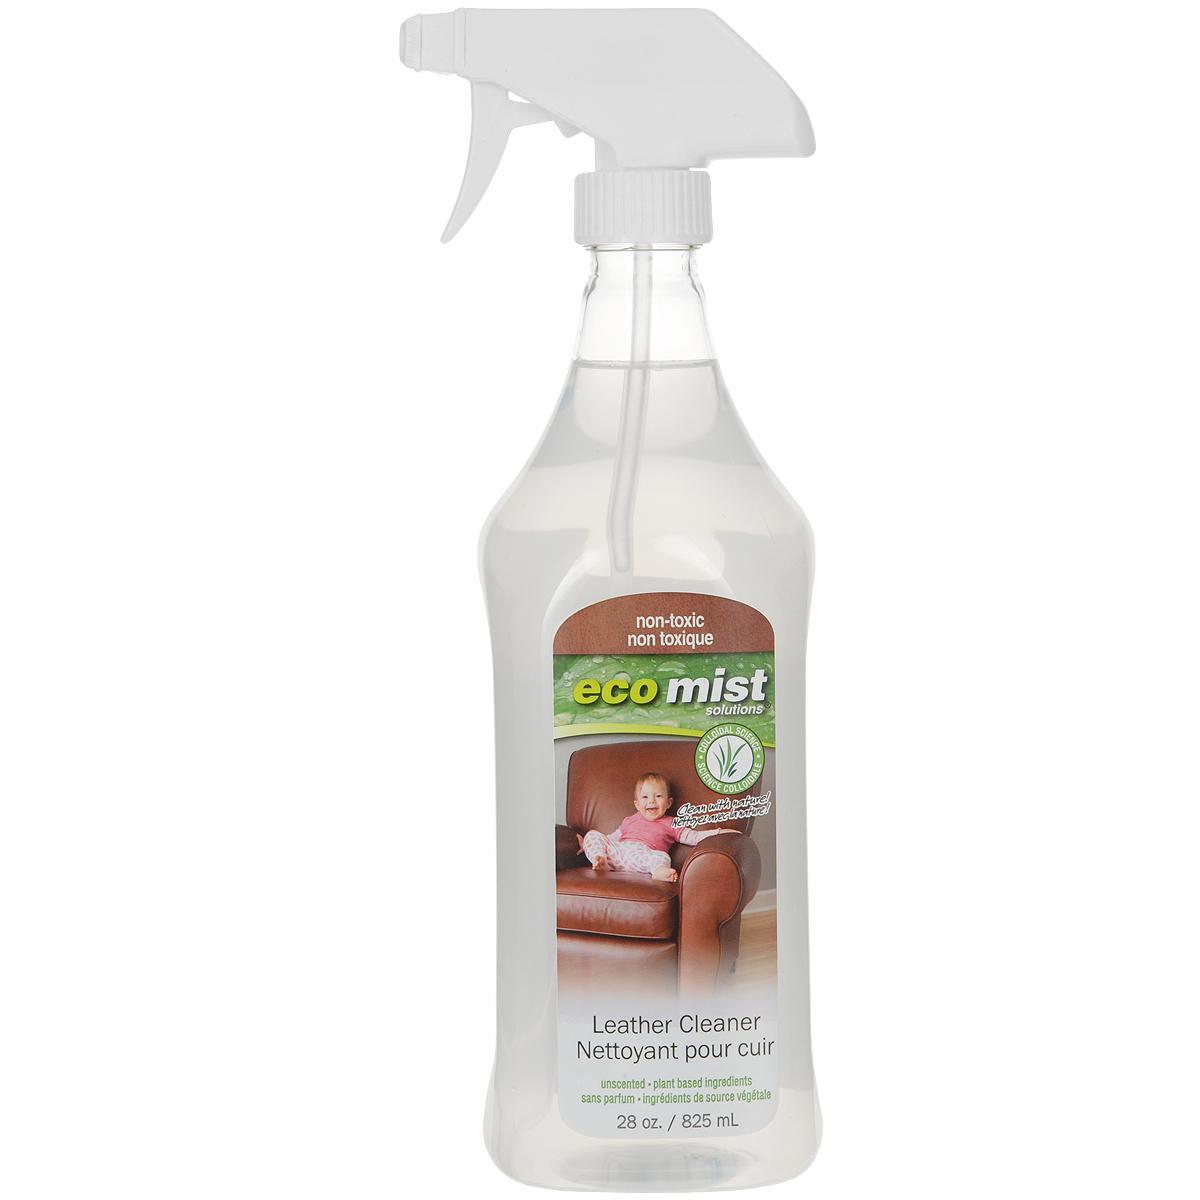 Средство для чистки натуральной кожи Eco Mist, 825 млEM825XXLCTR06EFLИзвестно,что очень сложно почистить профессионально в домашних условиях кожаную цветную мебель, т.к химические компоненты могут негативно сказаться на цвете, а также требуется дополнительное средство для пропитки. Инновационная формула средства Eco Mist на водной основе эффективно очищает, защищает от повторного загрязнения. Мебель приобретает первоначальный ухоженный и чистый вид.Состав: дехлорированная вода, экстракт зерновых, древесный сок, экстракт кукурузы, экстракт картофеля.Как выбрать качественную бытовую химию, безопасную для природы и людей. Статья OZON Гид